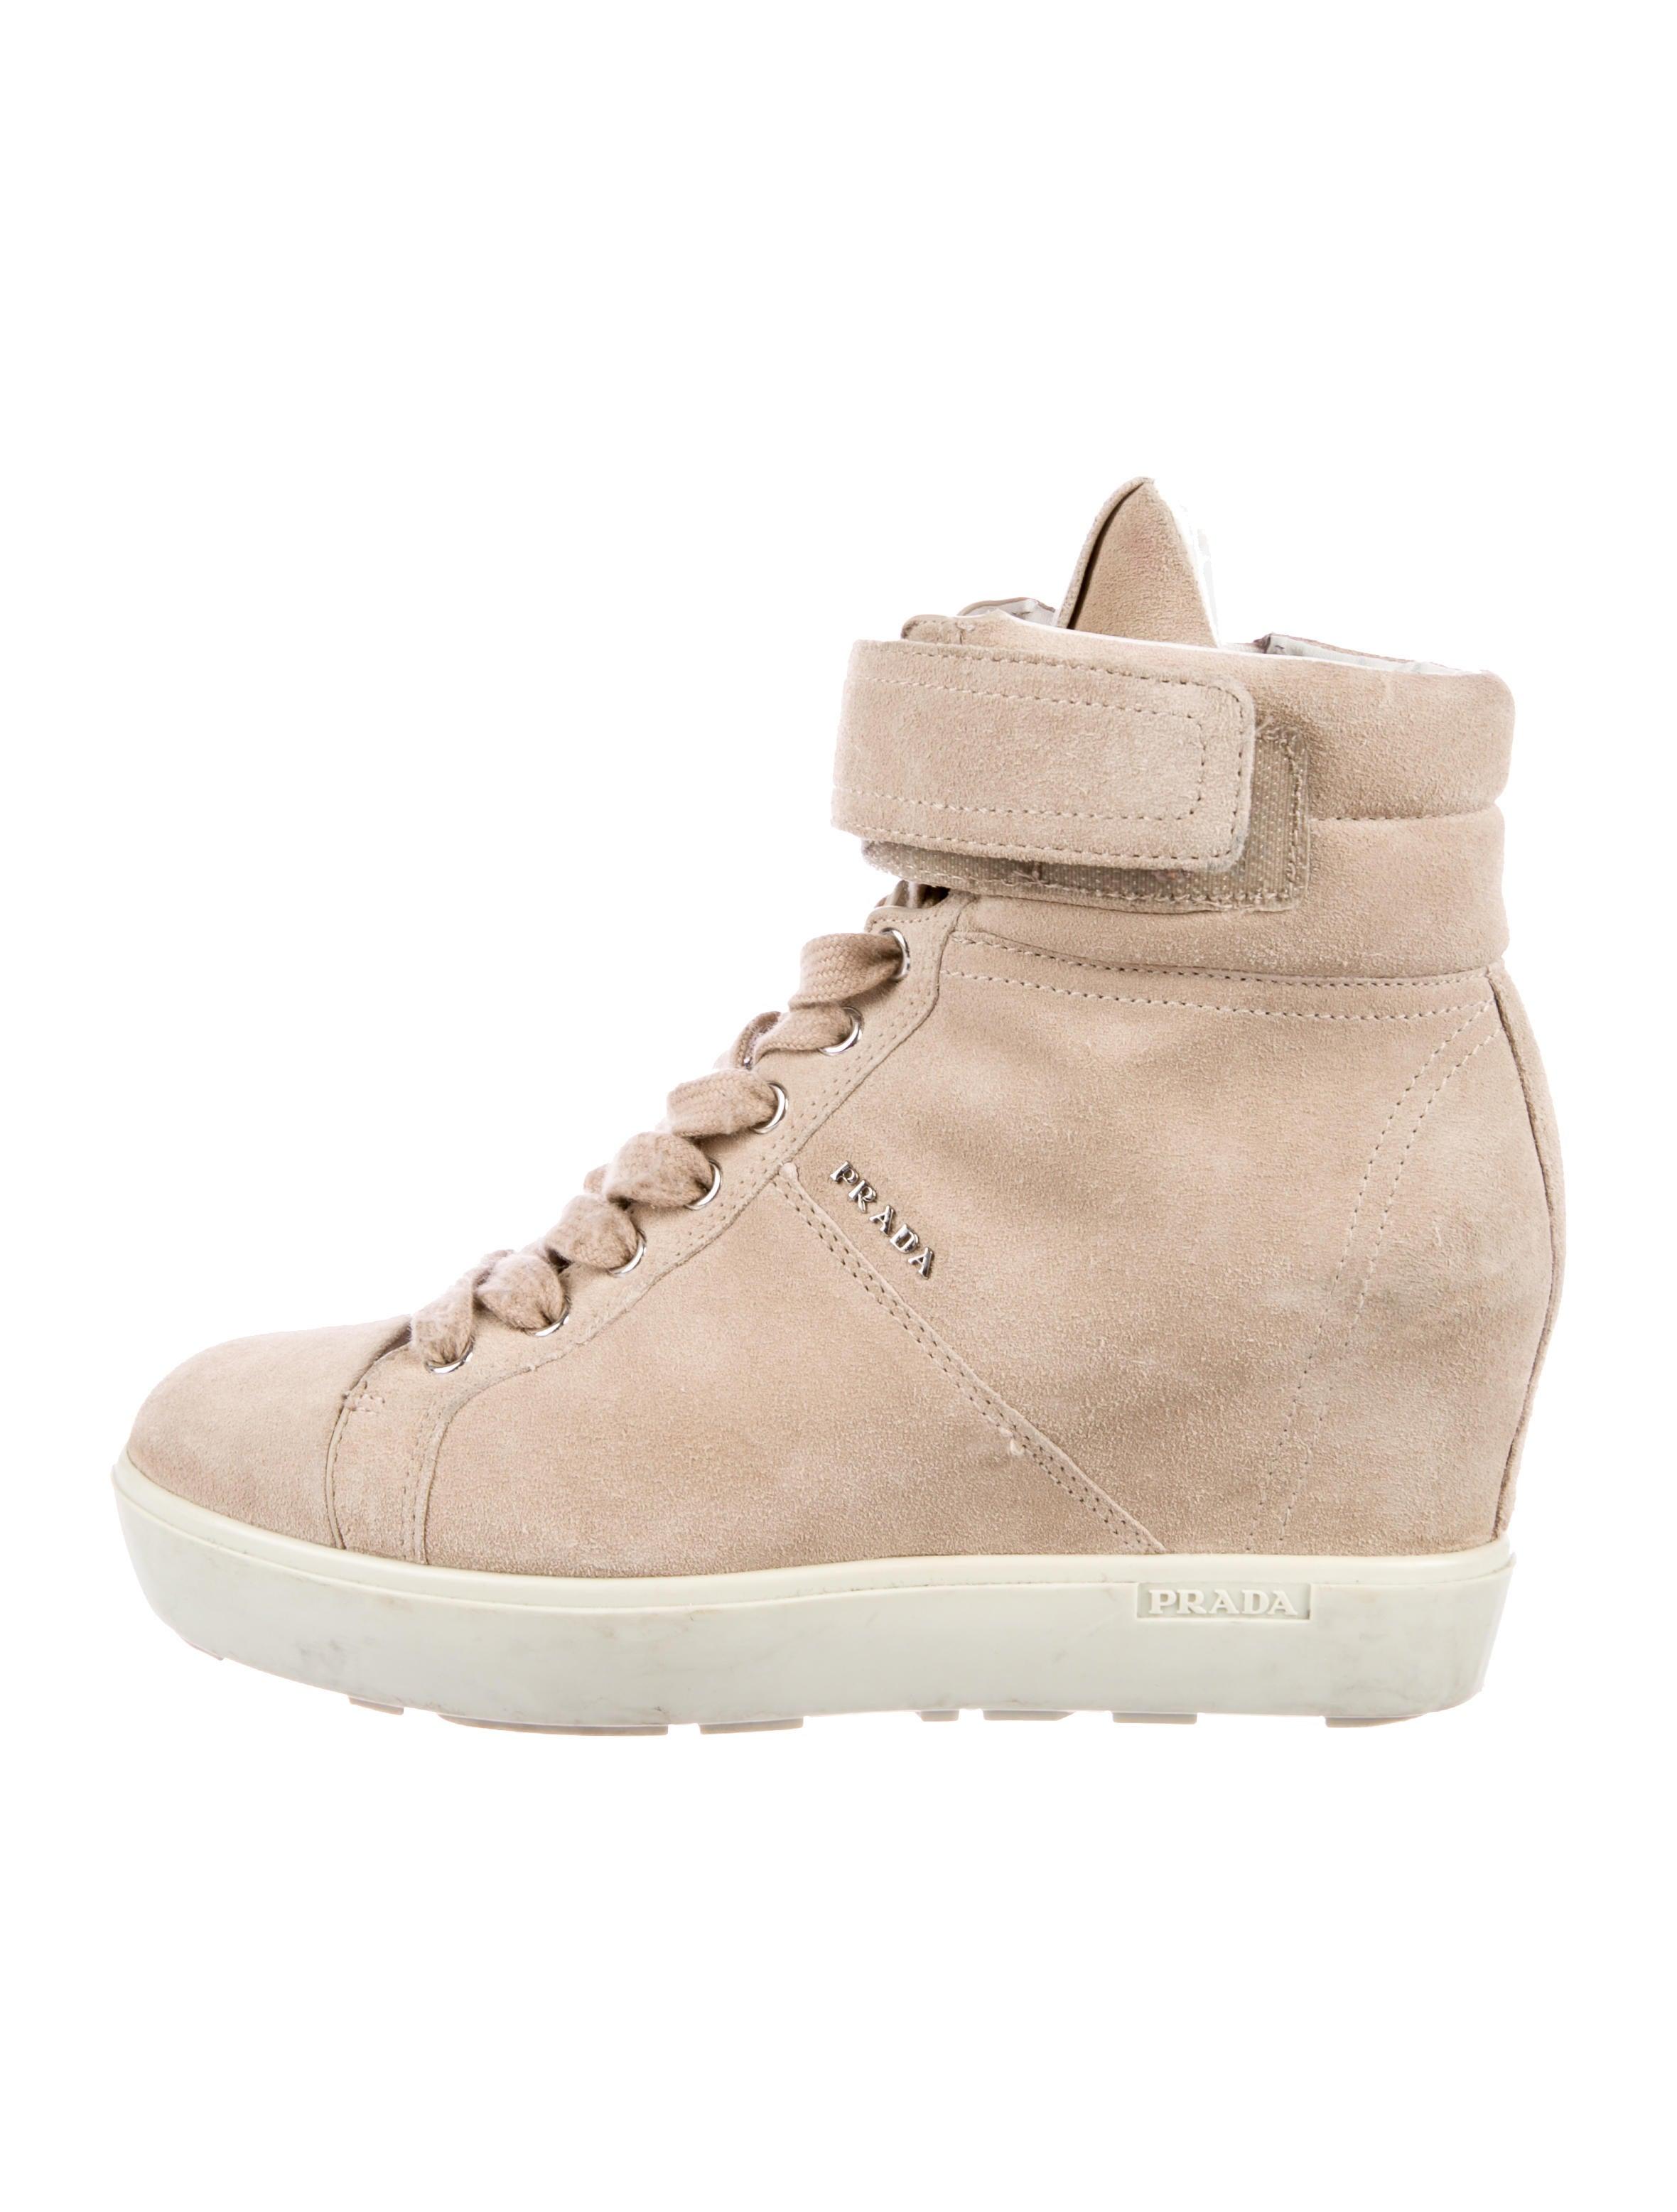 6b5b6fc5a167 Prada Sport Suede Wedge Sneakers - Shoes - WPR50469